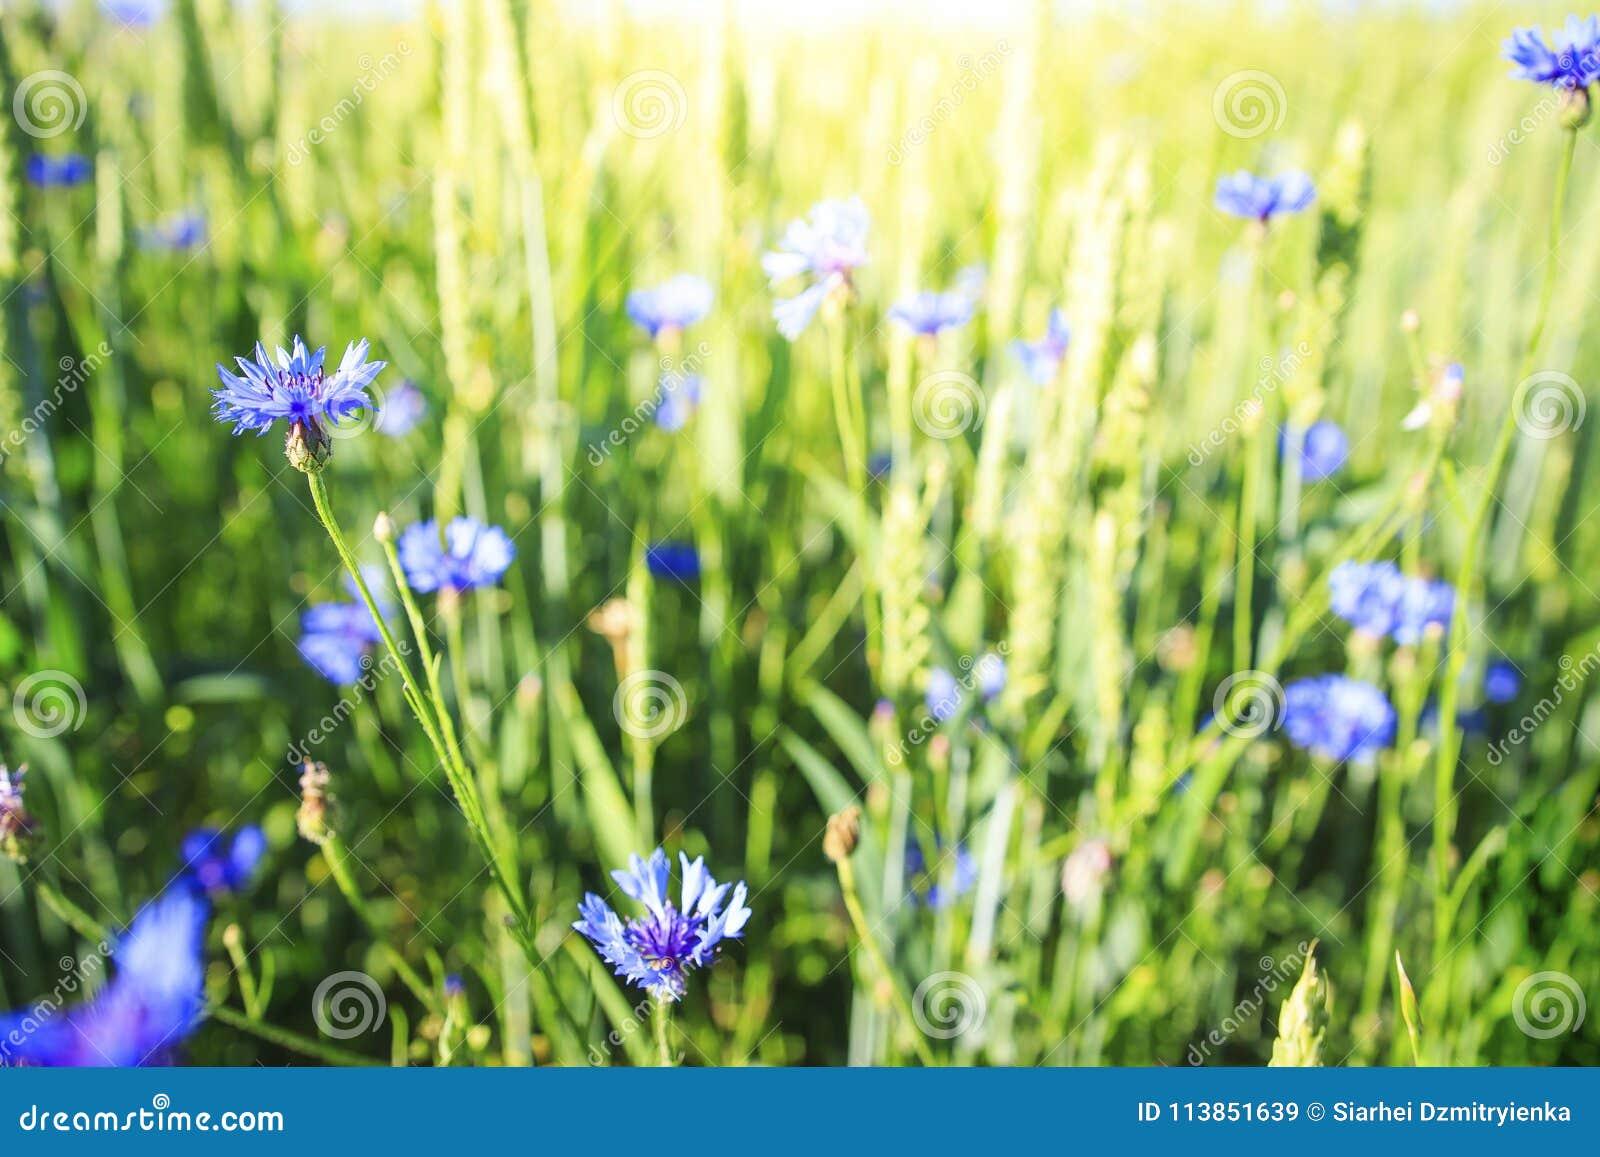 Blauwe bloemen op groene de zomerweide Kruiden en bloem op de lentegebied De achtergrond van de aard